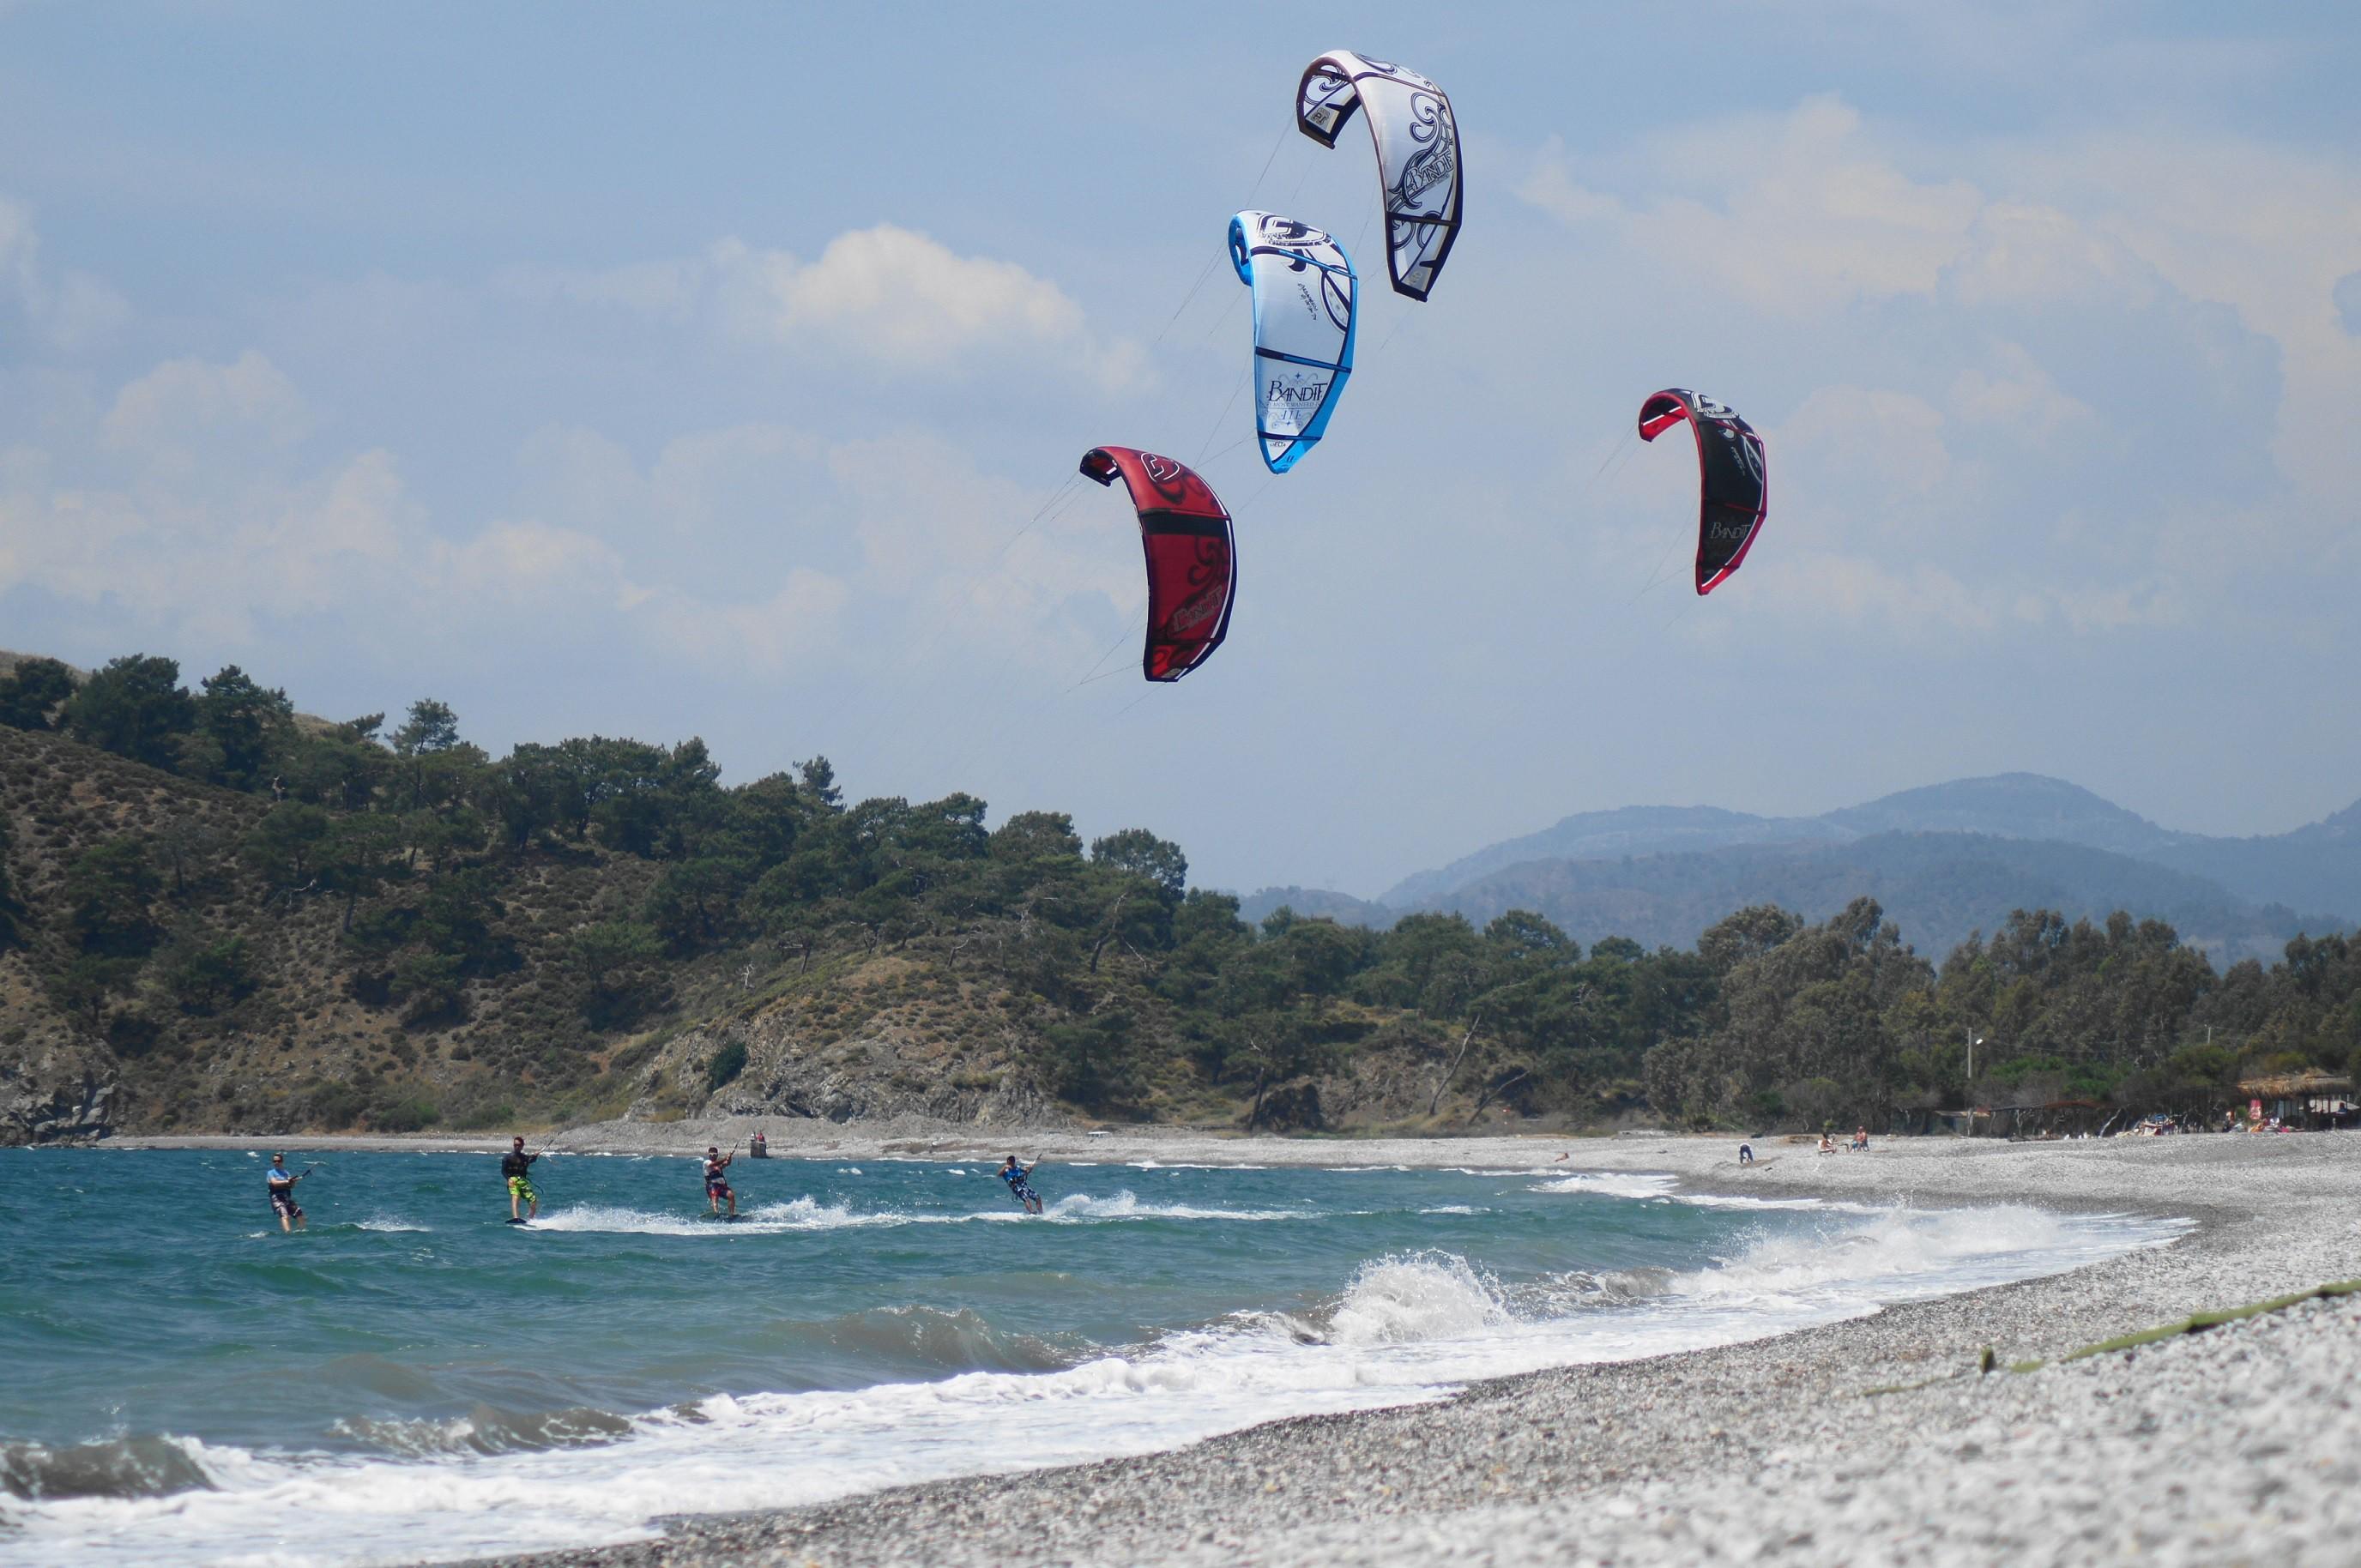 Kitesurf nerede yapılır sorusu sorulunca ise akla gelen ilk yer Fethiye Bölgesi olarak karşımıza çıkıyor. Kitesurf dahil birçok su sporuna da ev sahipliği yapan Fethiye'nin, özellikle de Çalış bölgesinin Kitesurf için tercih edilmesinin en önemli sebebi; yeterli derecede dalgalı ve rüzgarlı olması. Ayrıca sıcak havası ile sörf elbisesi giymeye gerek kalmadan rüzgara karşı özgürce bu sporun tadına varılabilir.